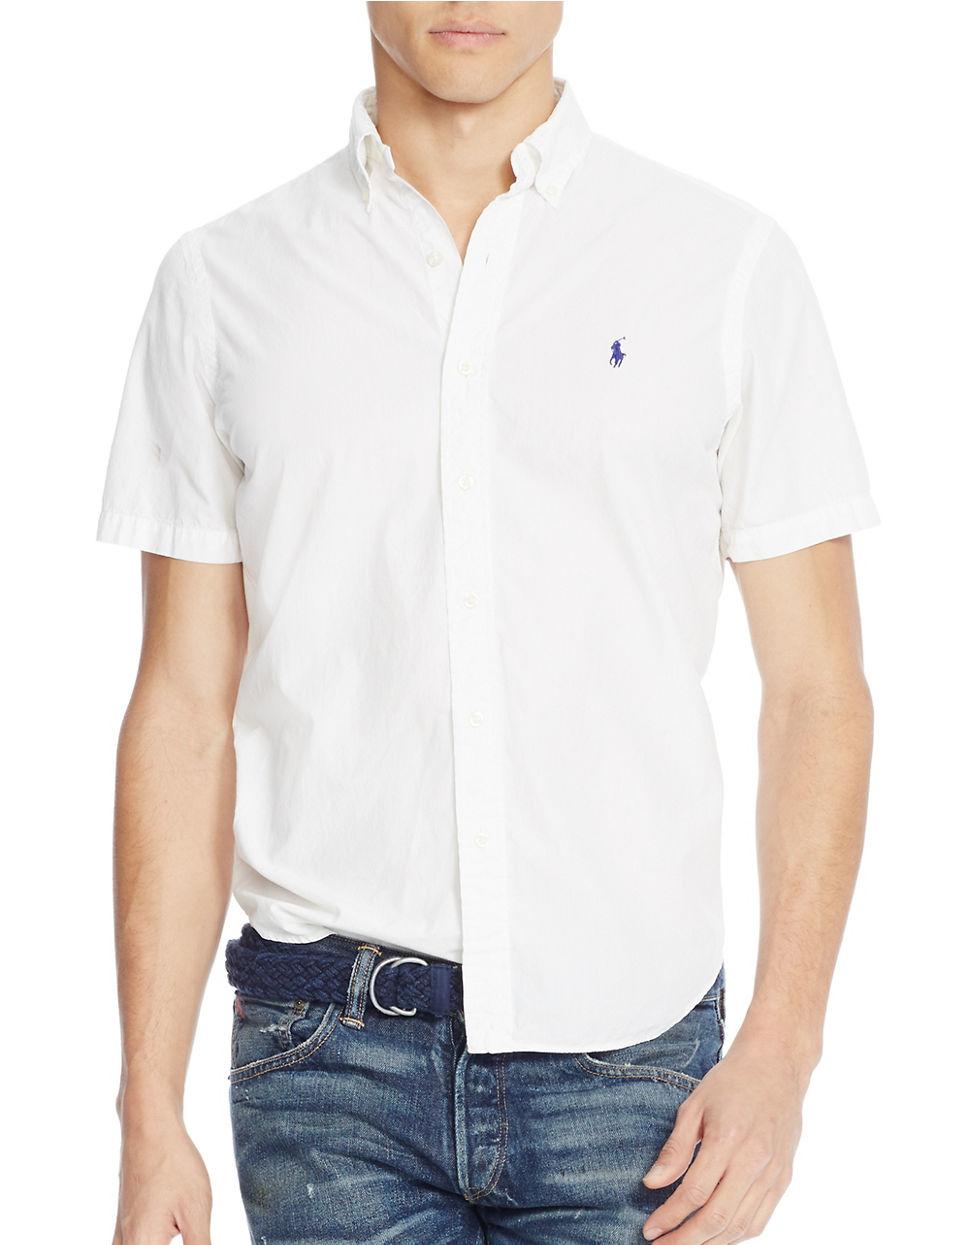 Womens Ralph Lauren T Shirt